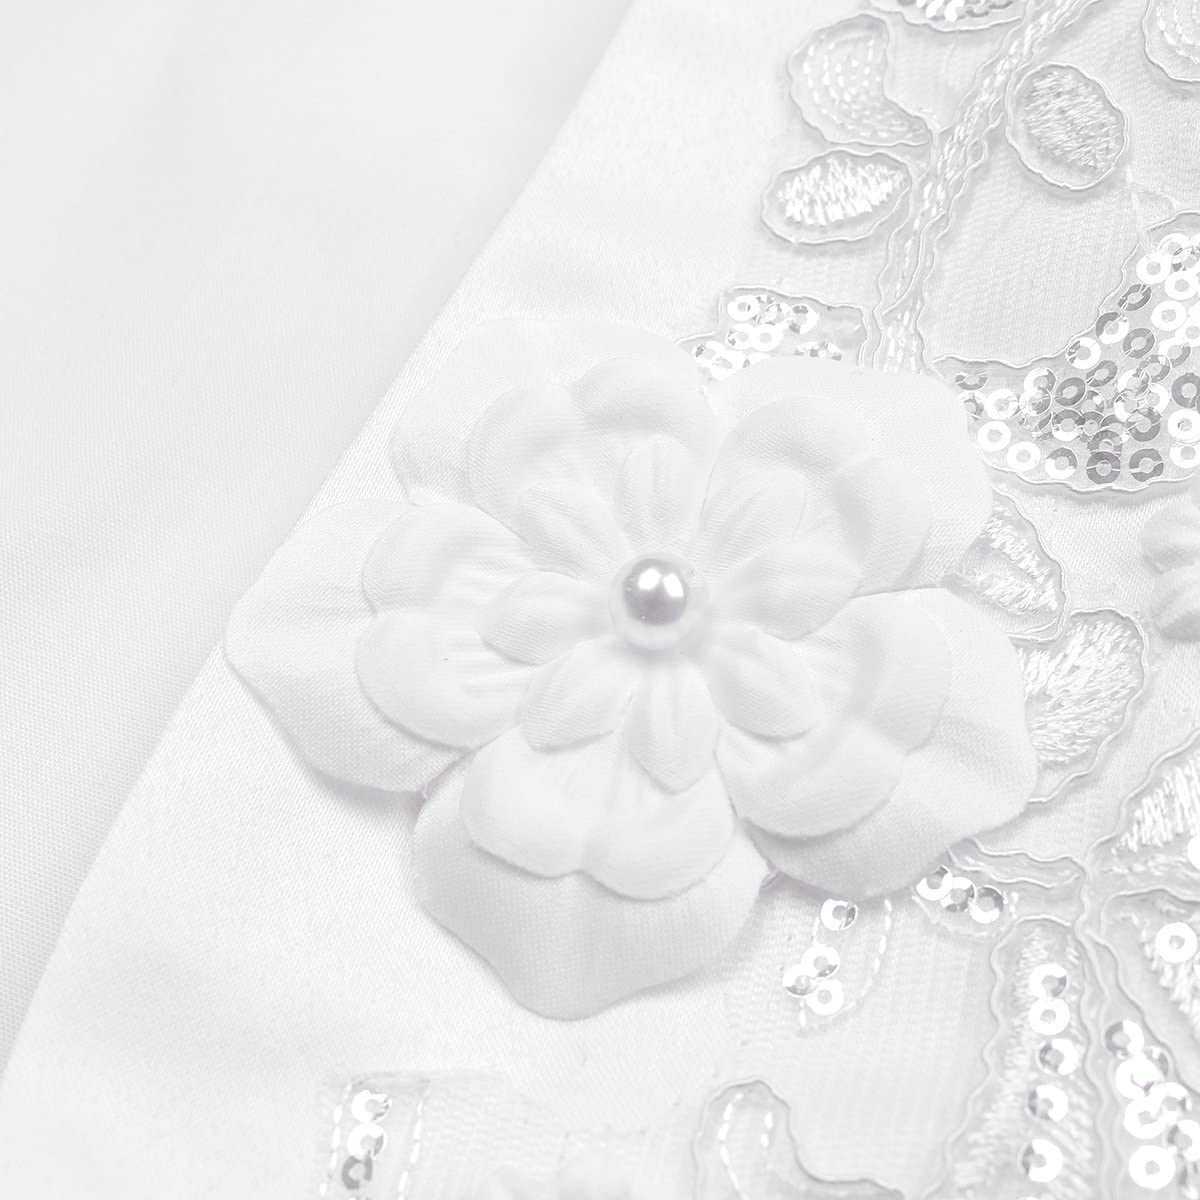 YiZYiF Enfant Fille Gilet /à Manche Longue Dentelle Bol/éro Soir/ée Mariage C/ér/émonie Manteau /à Perles Cardigan Cape pour Robe Princesse Demoiselle dhonneur 2-10 Ans